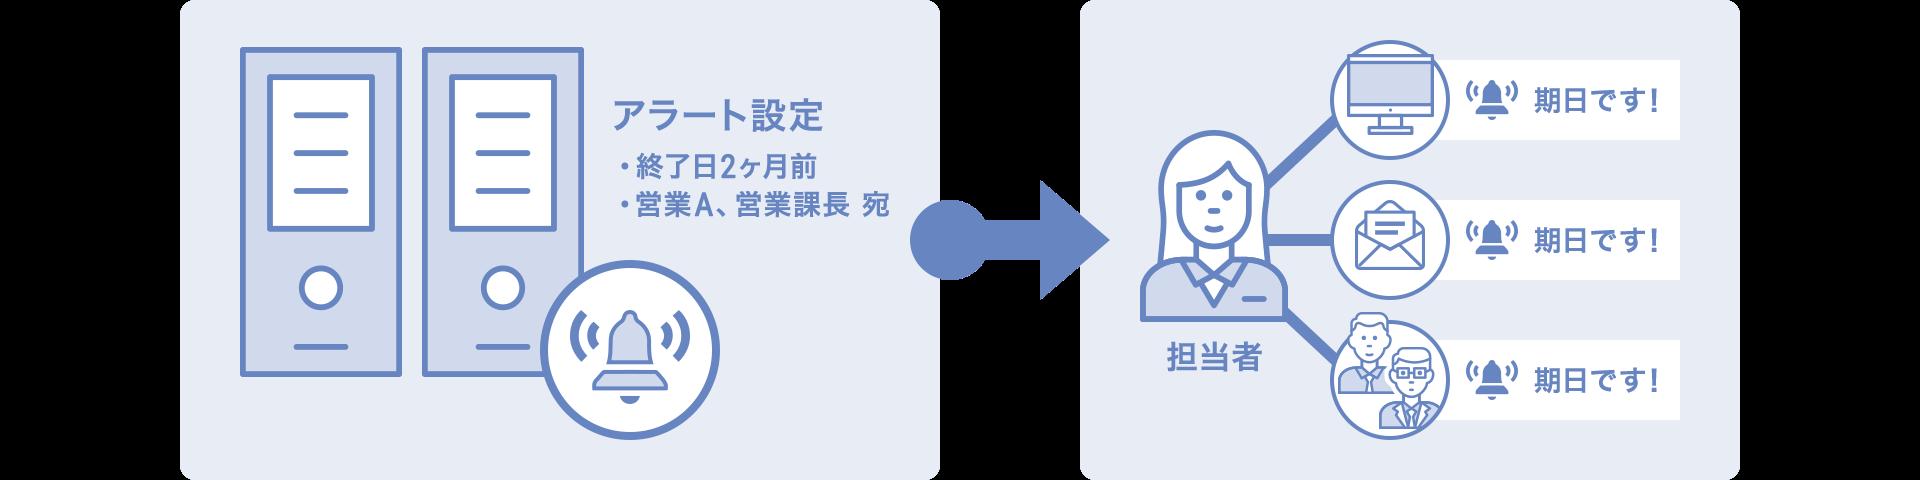 契約管理に欠かせない機能 イメージ図